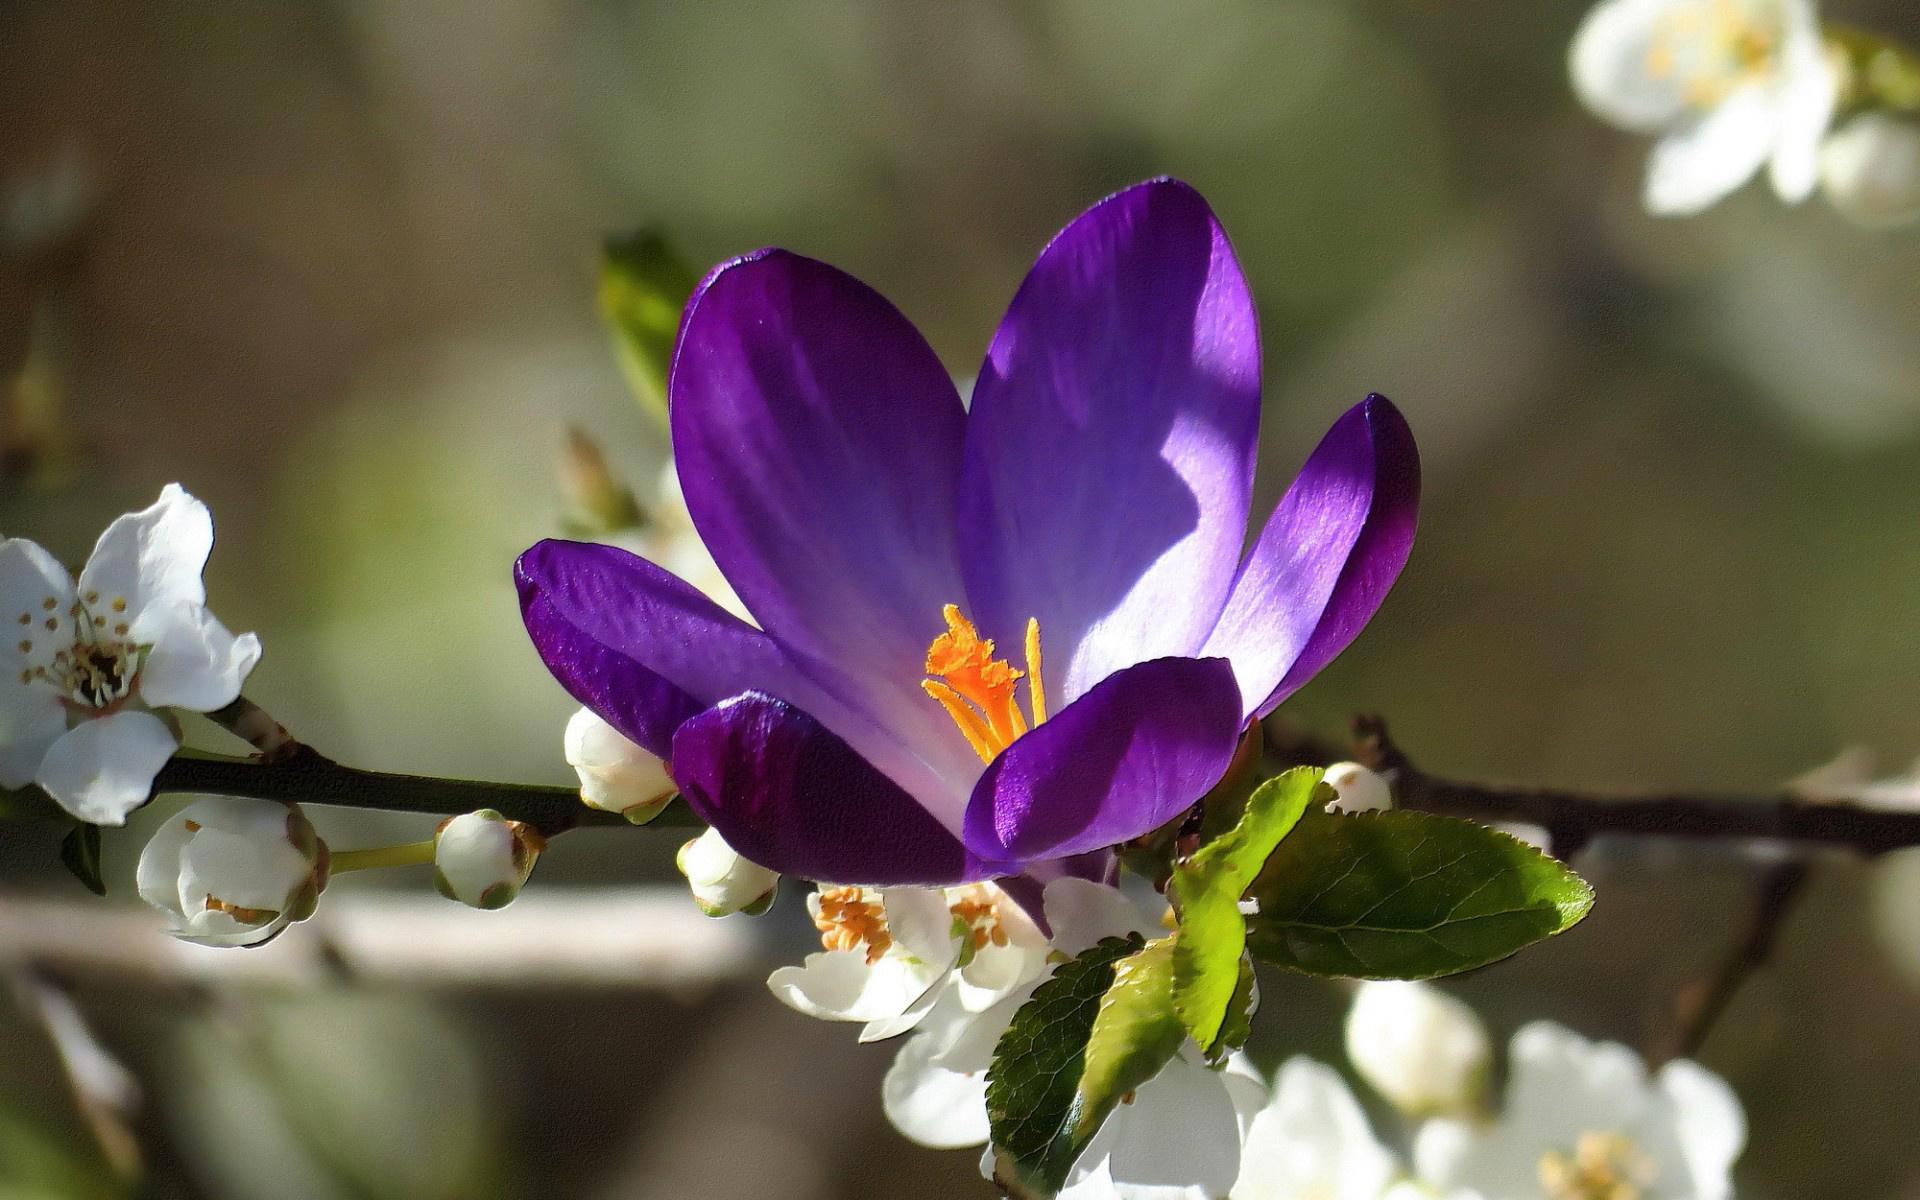 Foto Fiori Viola.Sfondi 1920x1200 Px Macro Natura Piante Fiori Viola Fiori